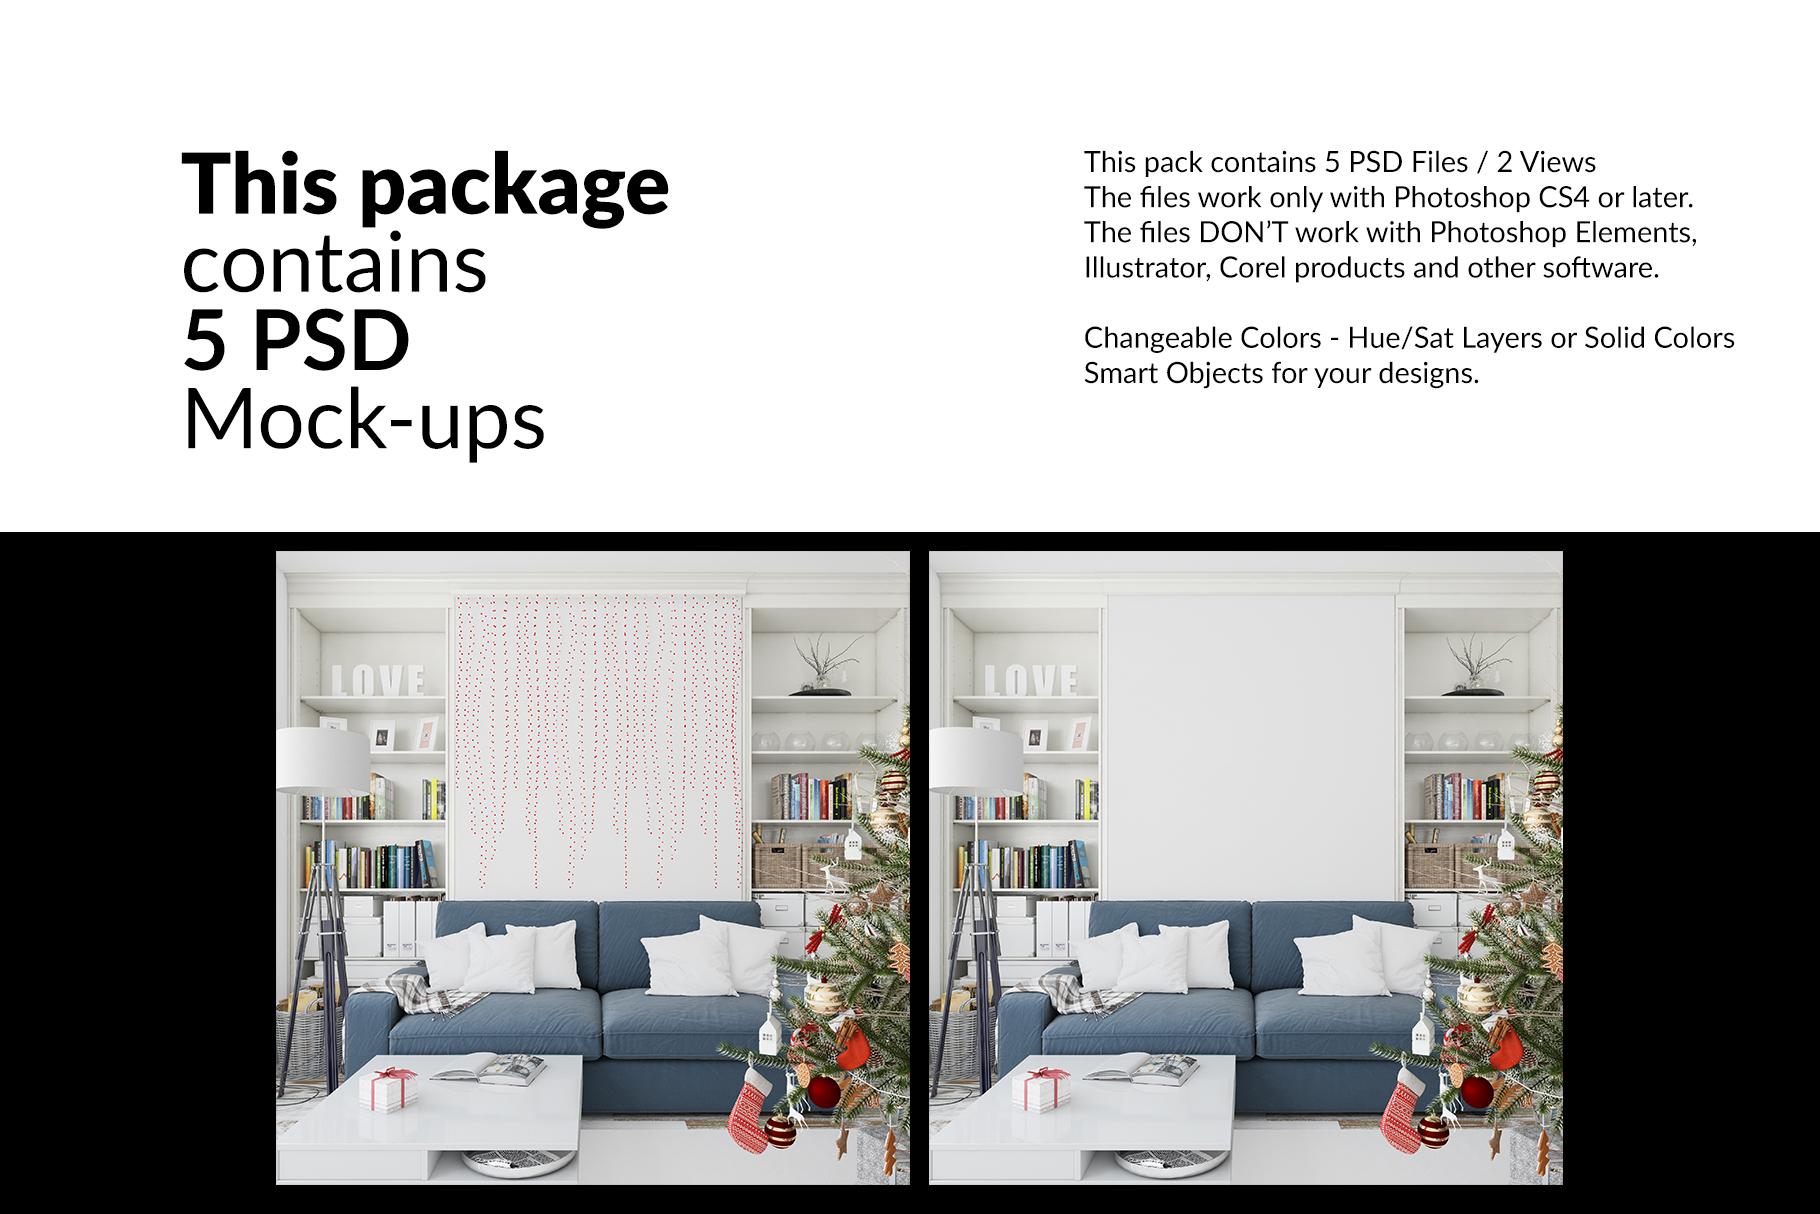 Christmas Living Room Set - Throw Pillows Frames & Wall example image 2